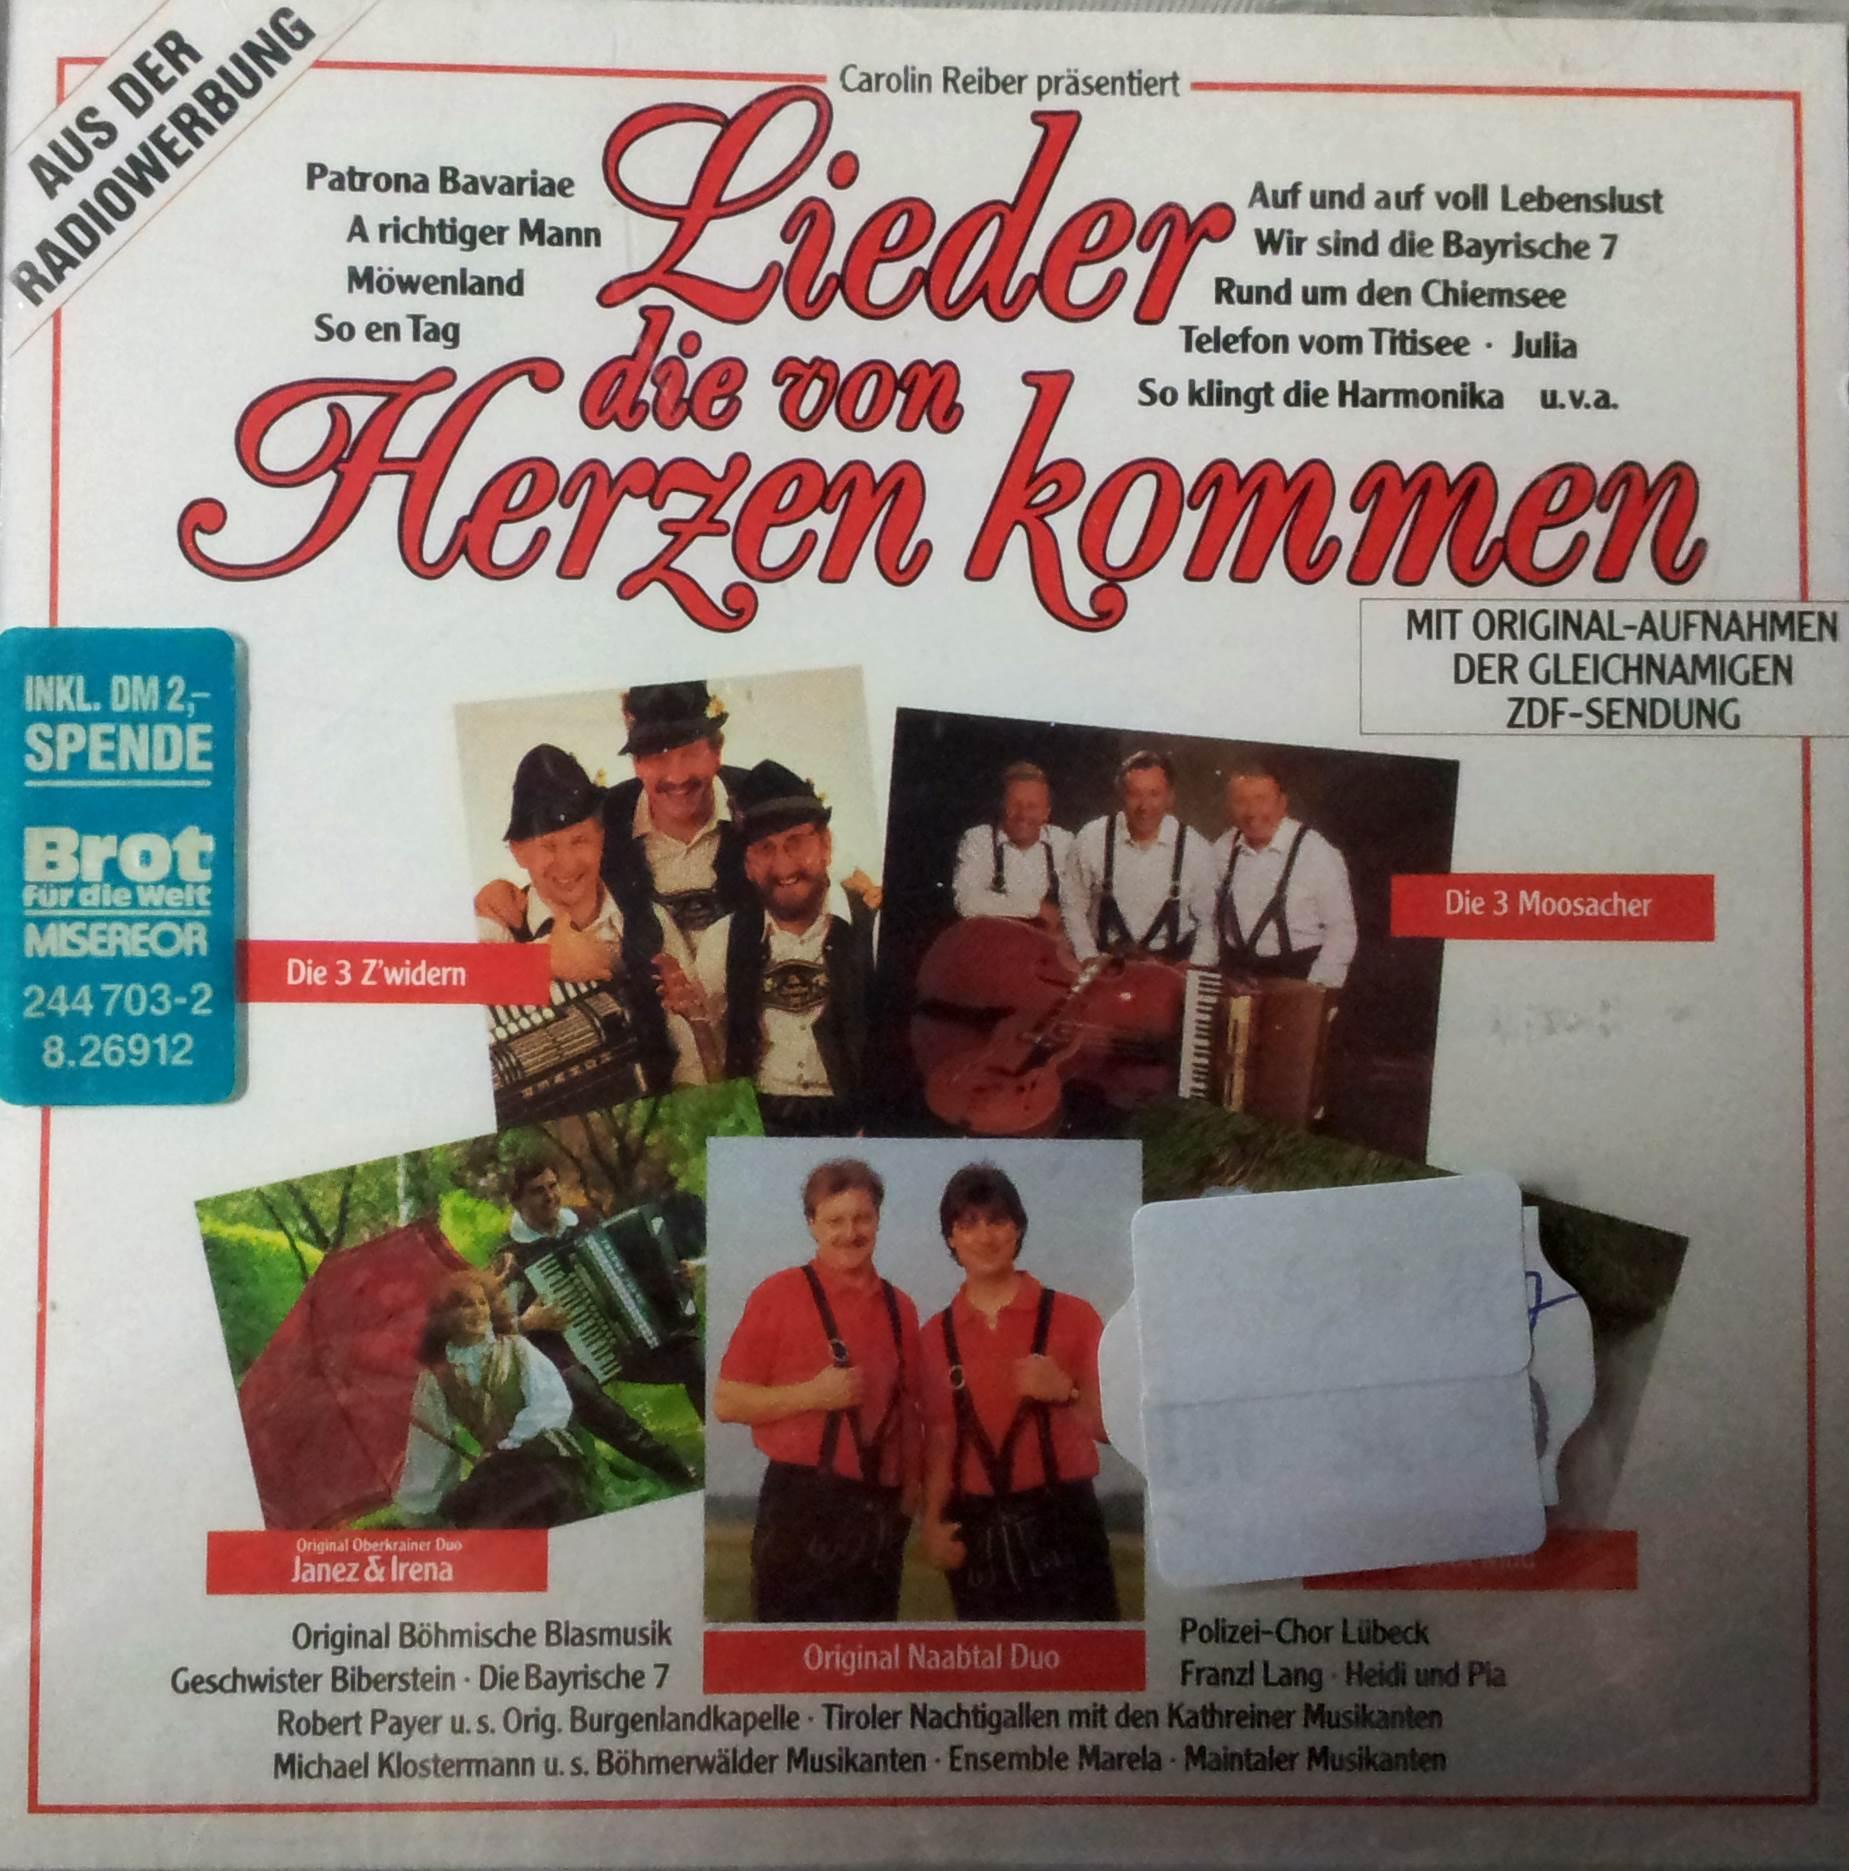 Lieder die von Herzen kommen - Carolin Reiber präsentiert